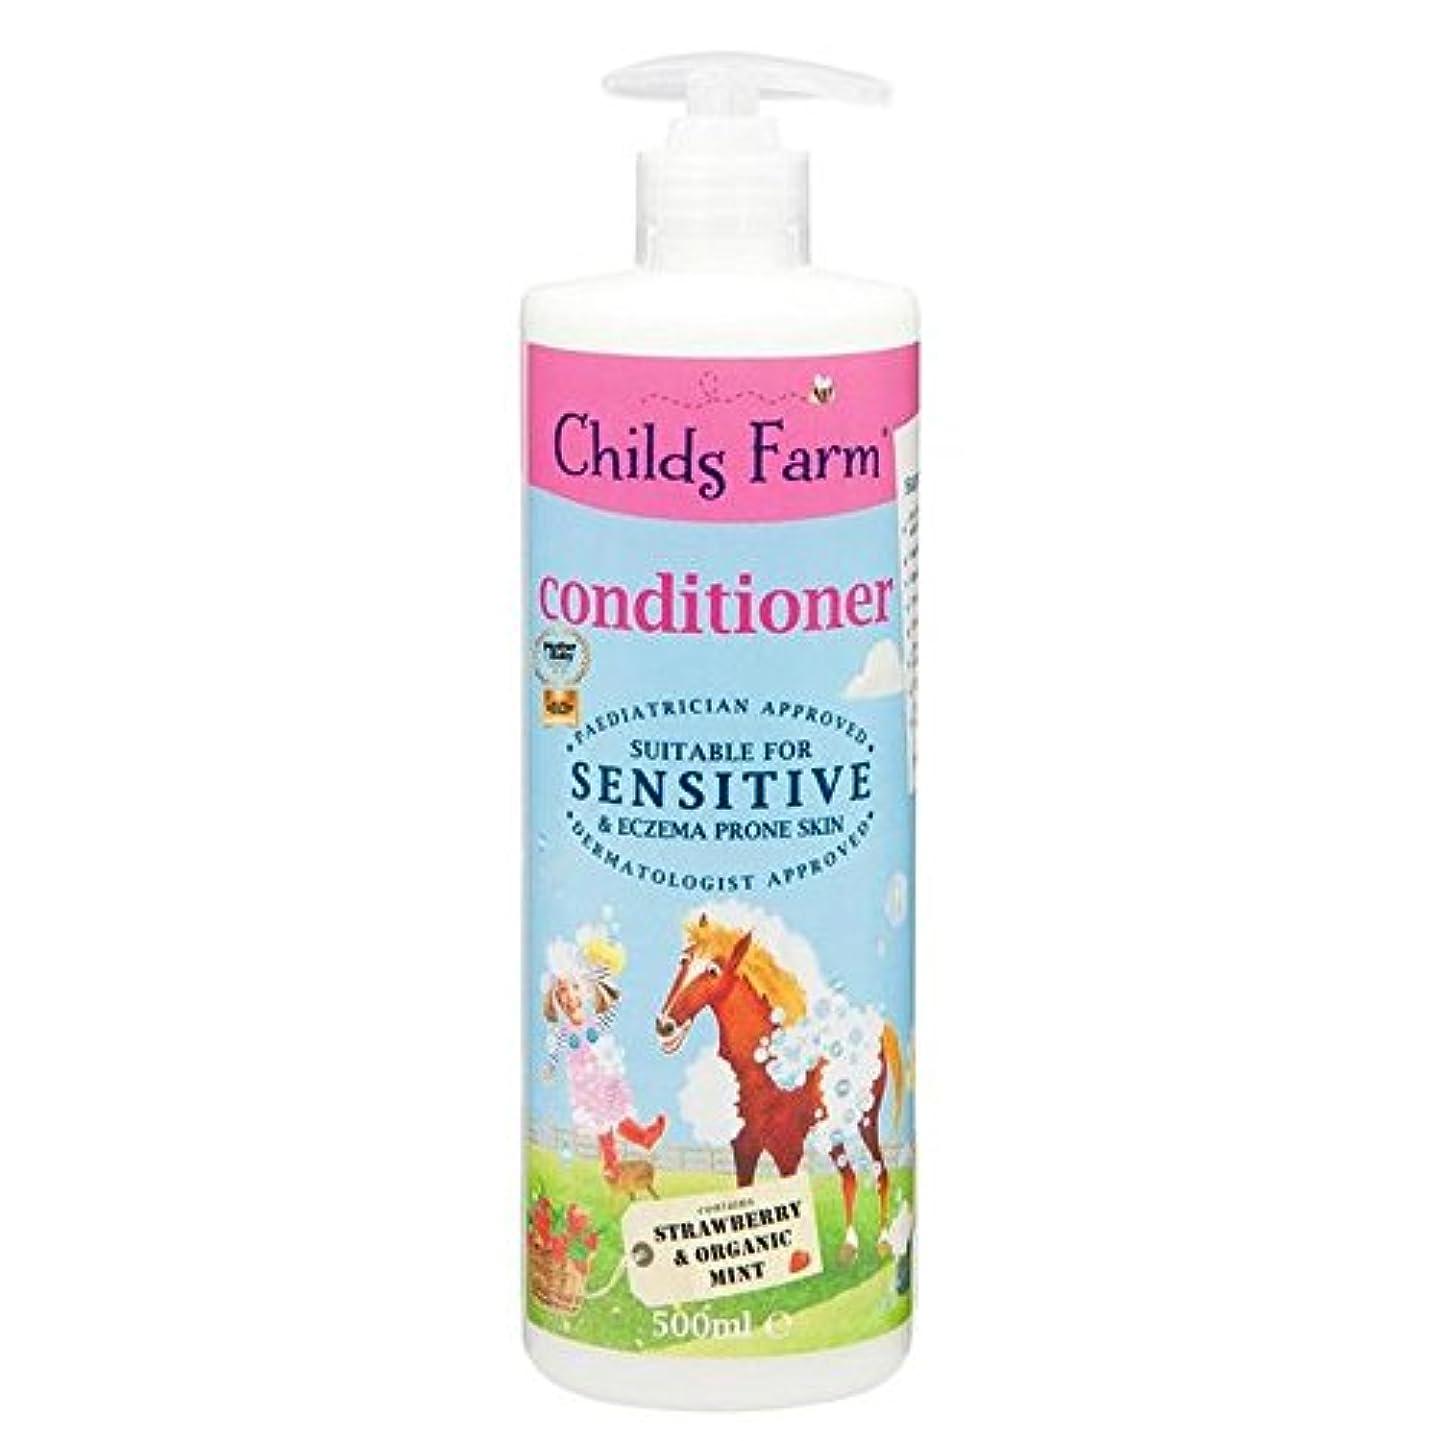 追う滞在参加者Childs Farm Conditioner for Unruly Hair 500ml - 手に負えない髪の500ミリリットルのためのチャイルズファームコンディショナー [並行輸入品]